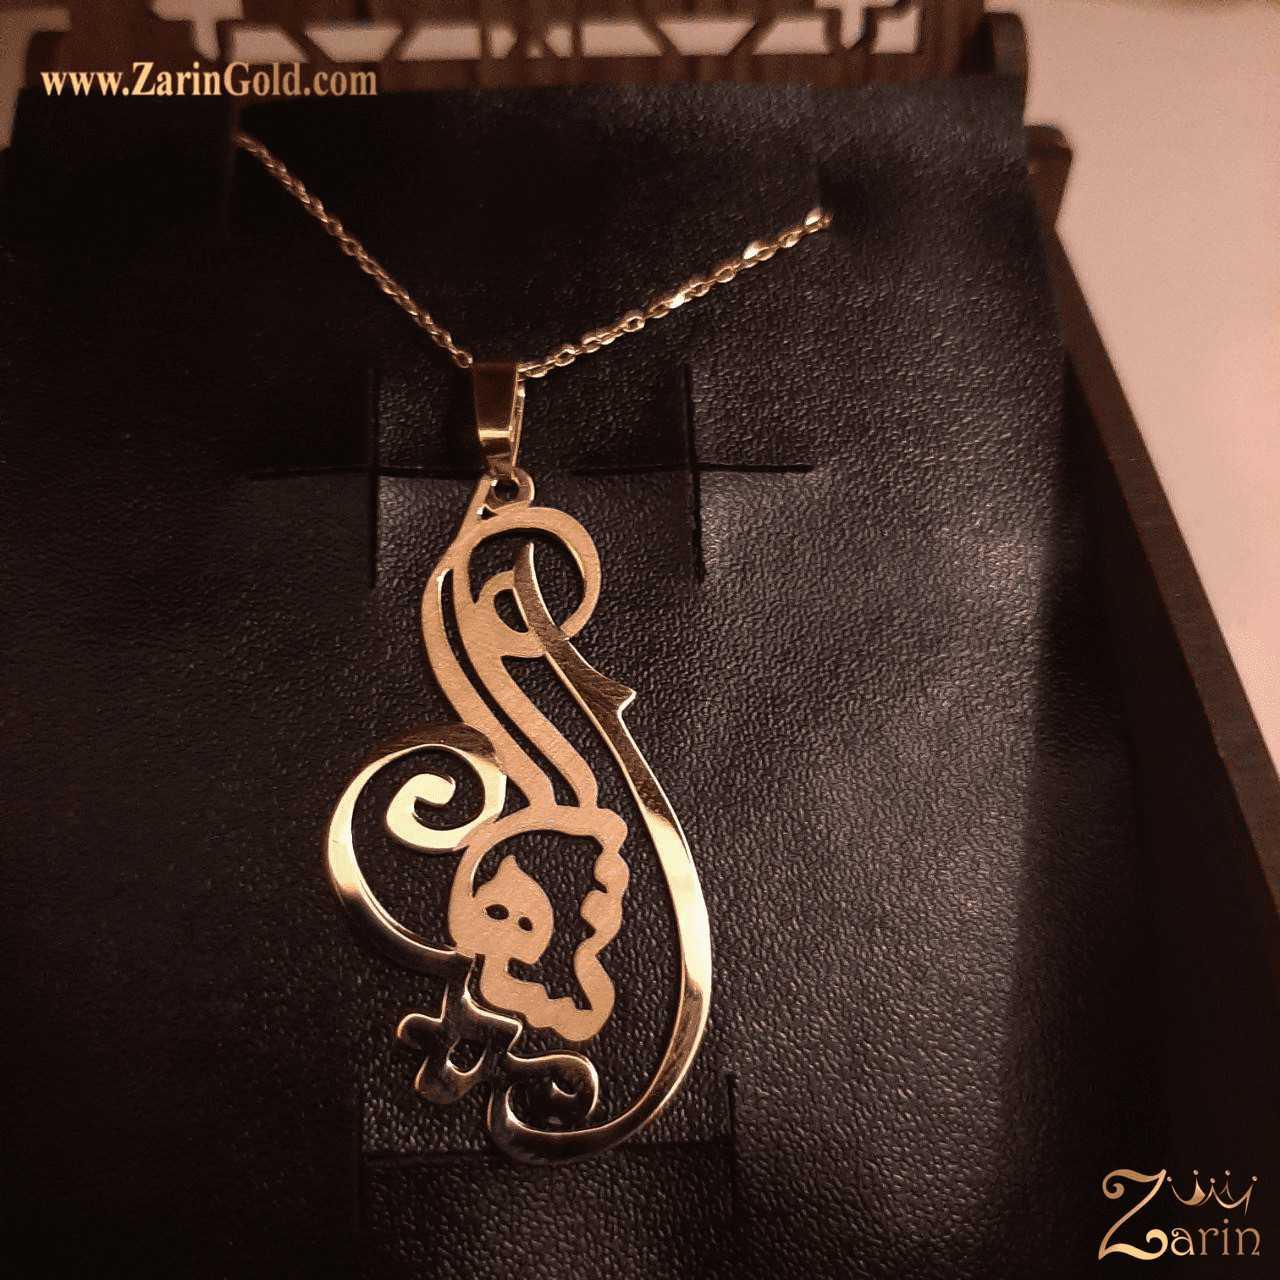 گردنبند طلا دو اسم فارسی امین شهلا با زنجیر